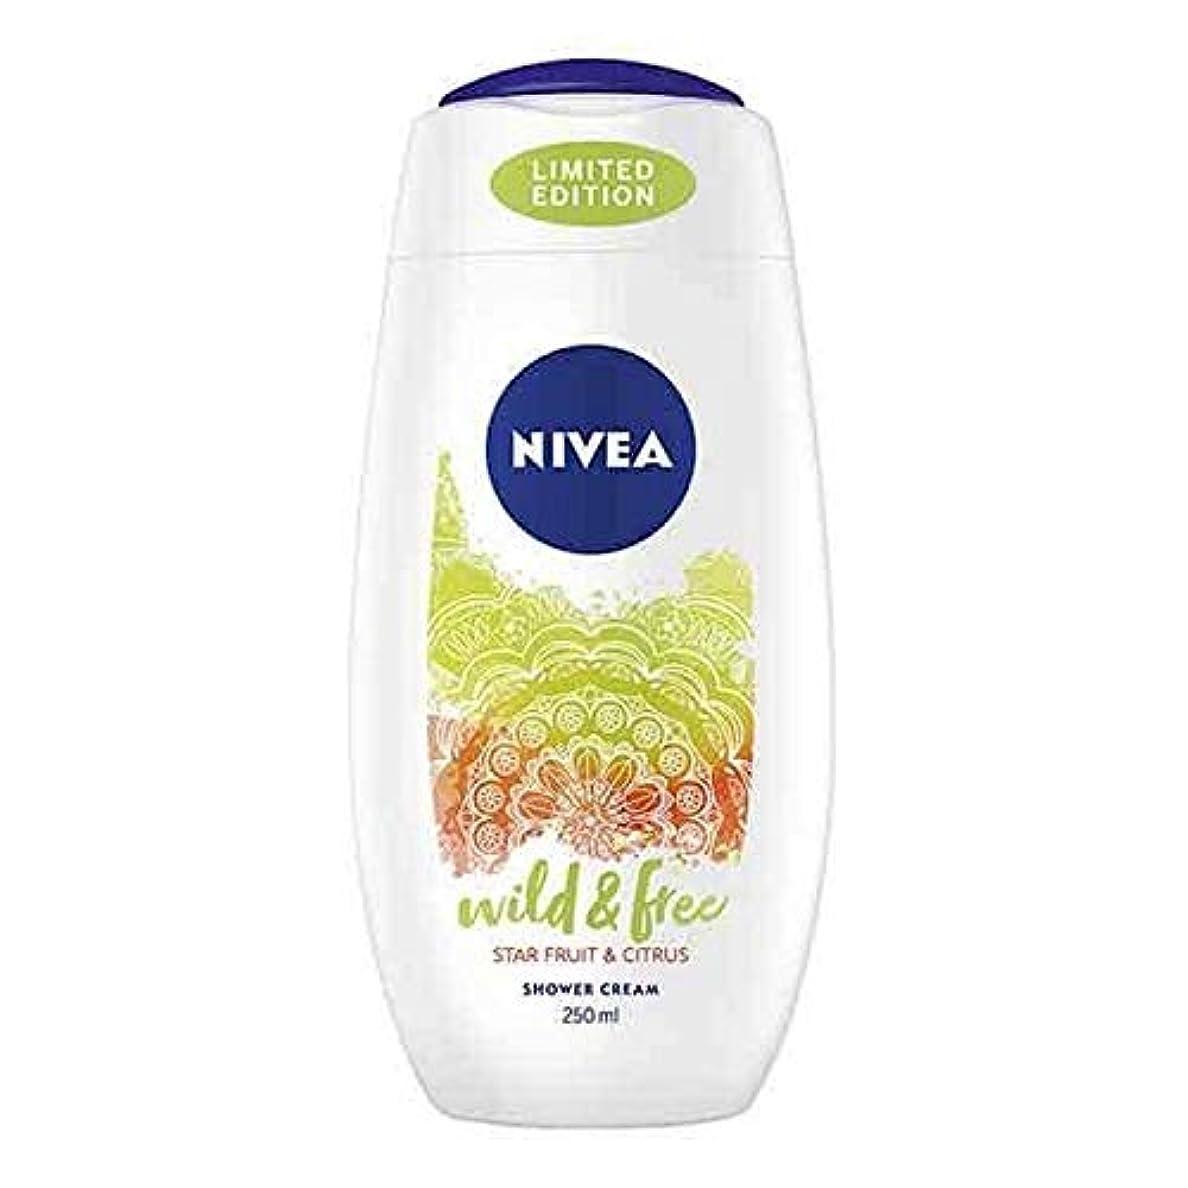 ランドリー戸惑うロボット[Nivea ] ニベアシャワーワイルド&無料シトラス250ミリリットル - NIVEA Shower Wild & Free Citrus 250ml [並行輸入品]